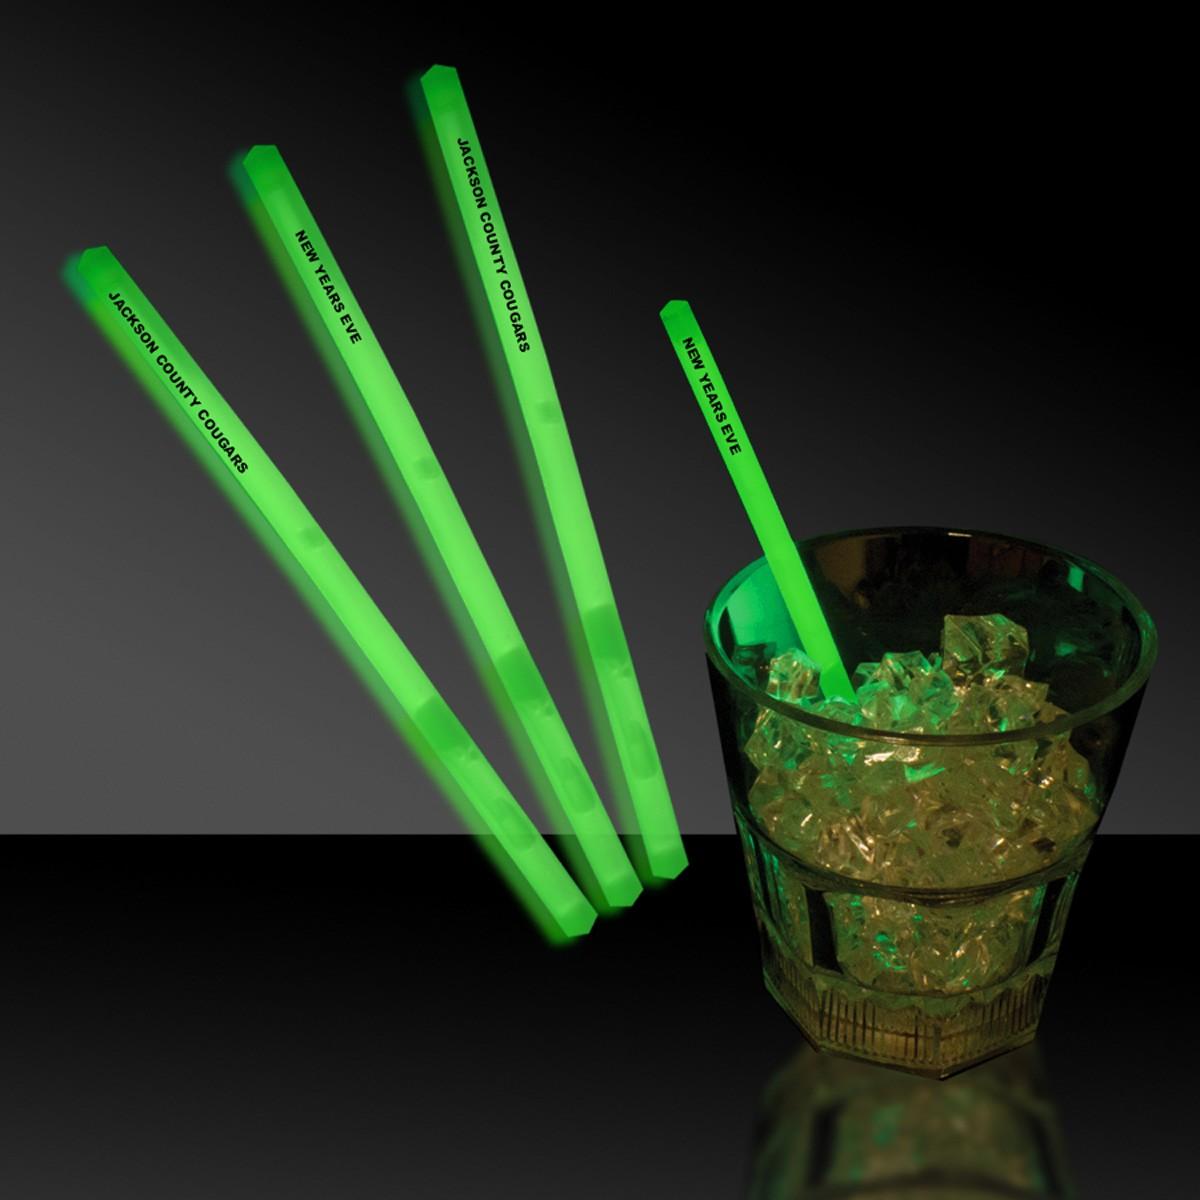 5 INCH GREEN SWIZZLE